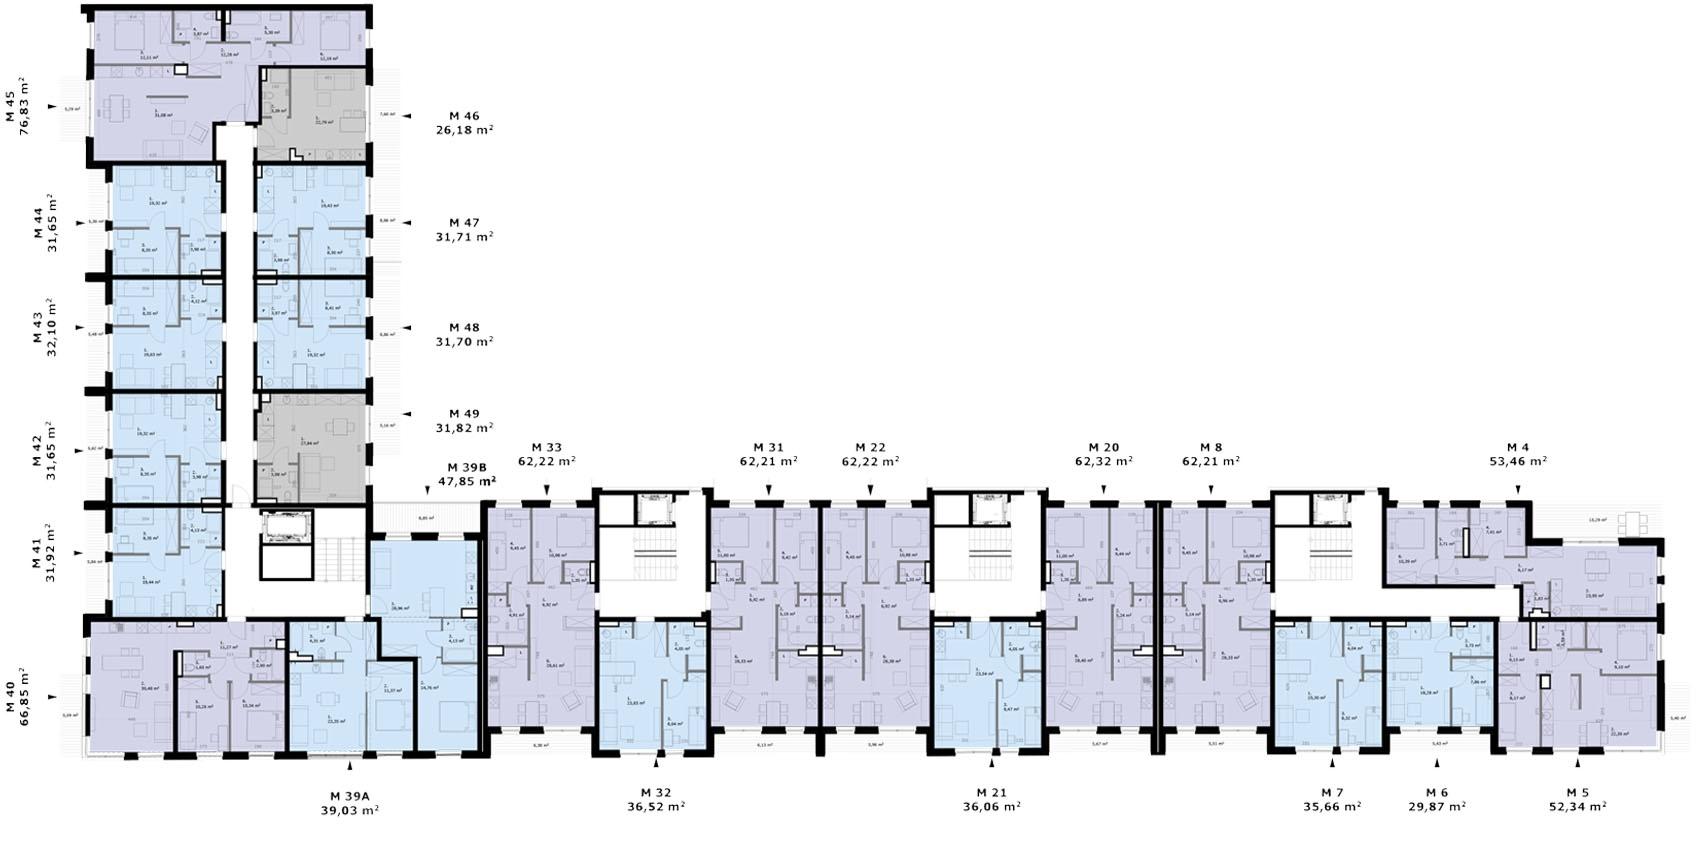 Wólczańska 188 - Piętro 1